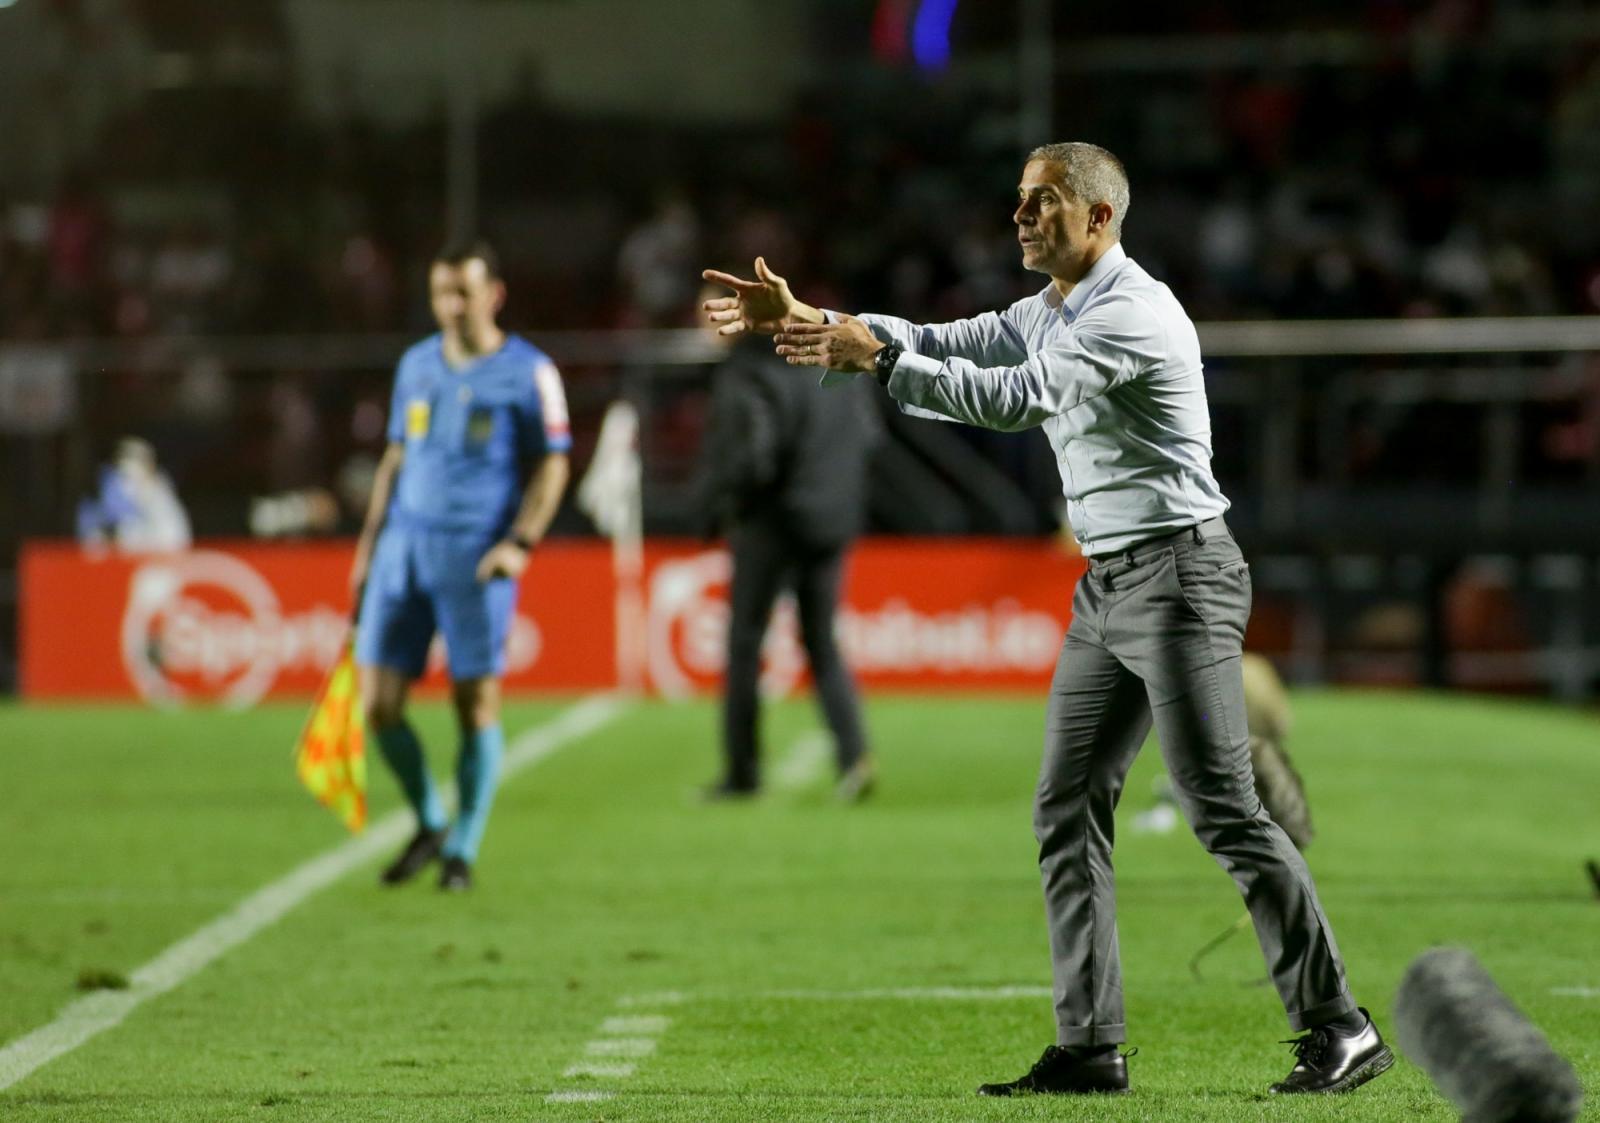 Gaviões exige saídas de Sylvinho e Roberto de Andrade do Corinthians após derrota